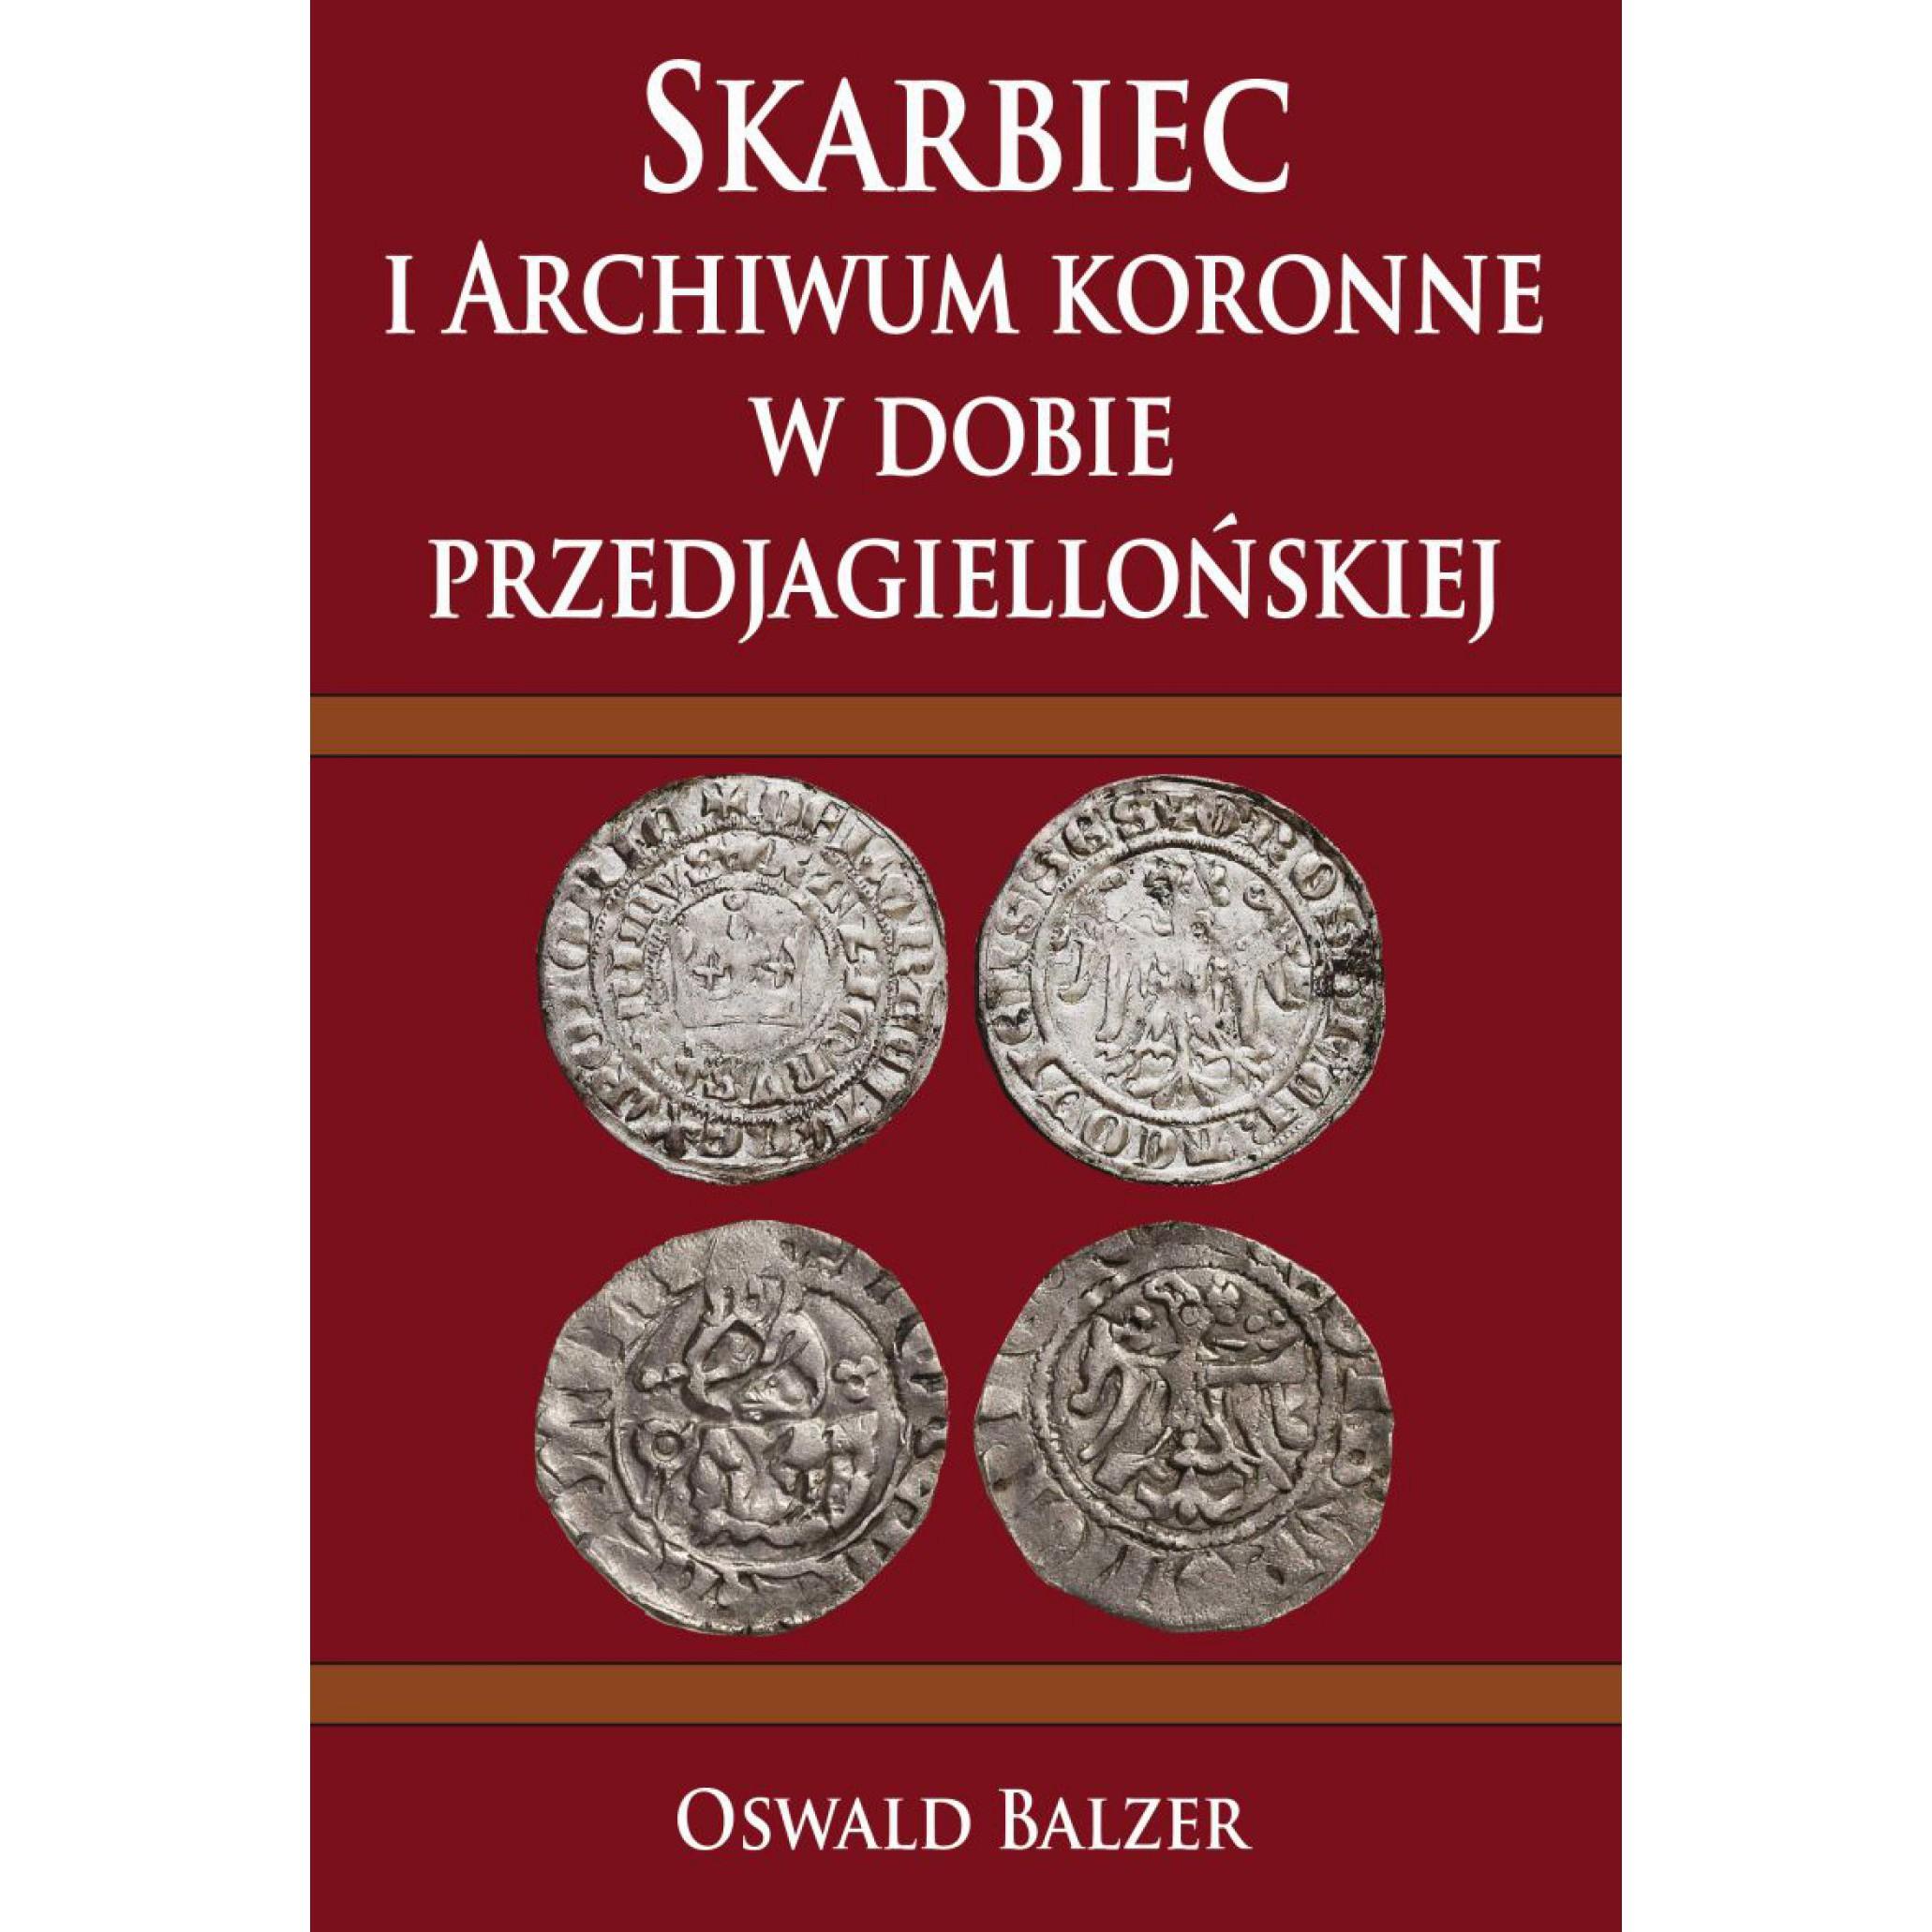 Skarbiec i Archiwum koronne w dobie przedjagiellońskiej